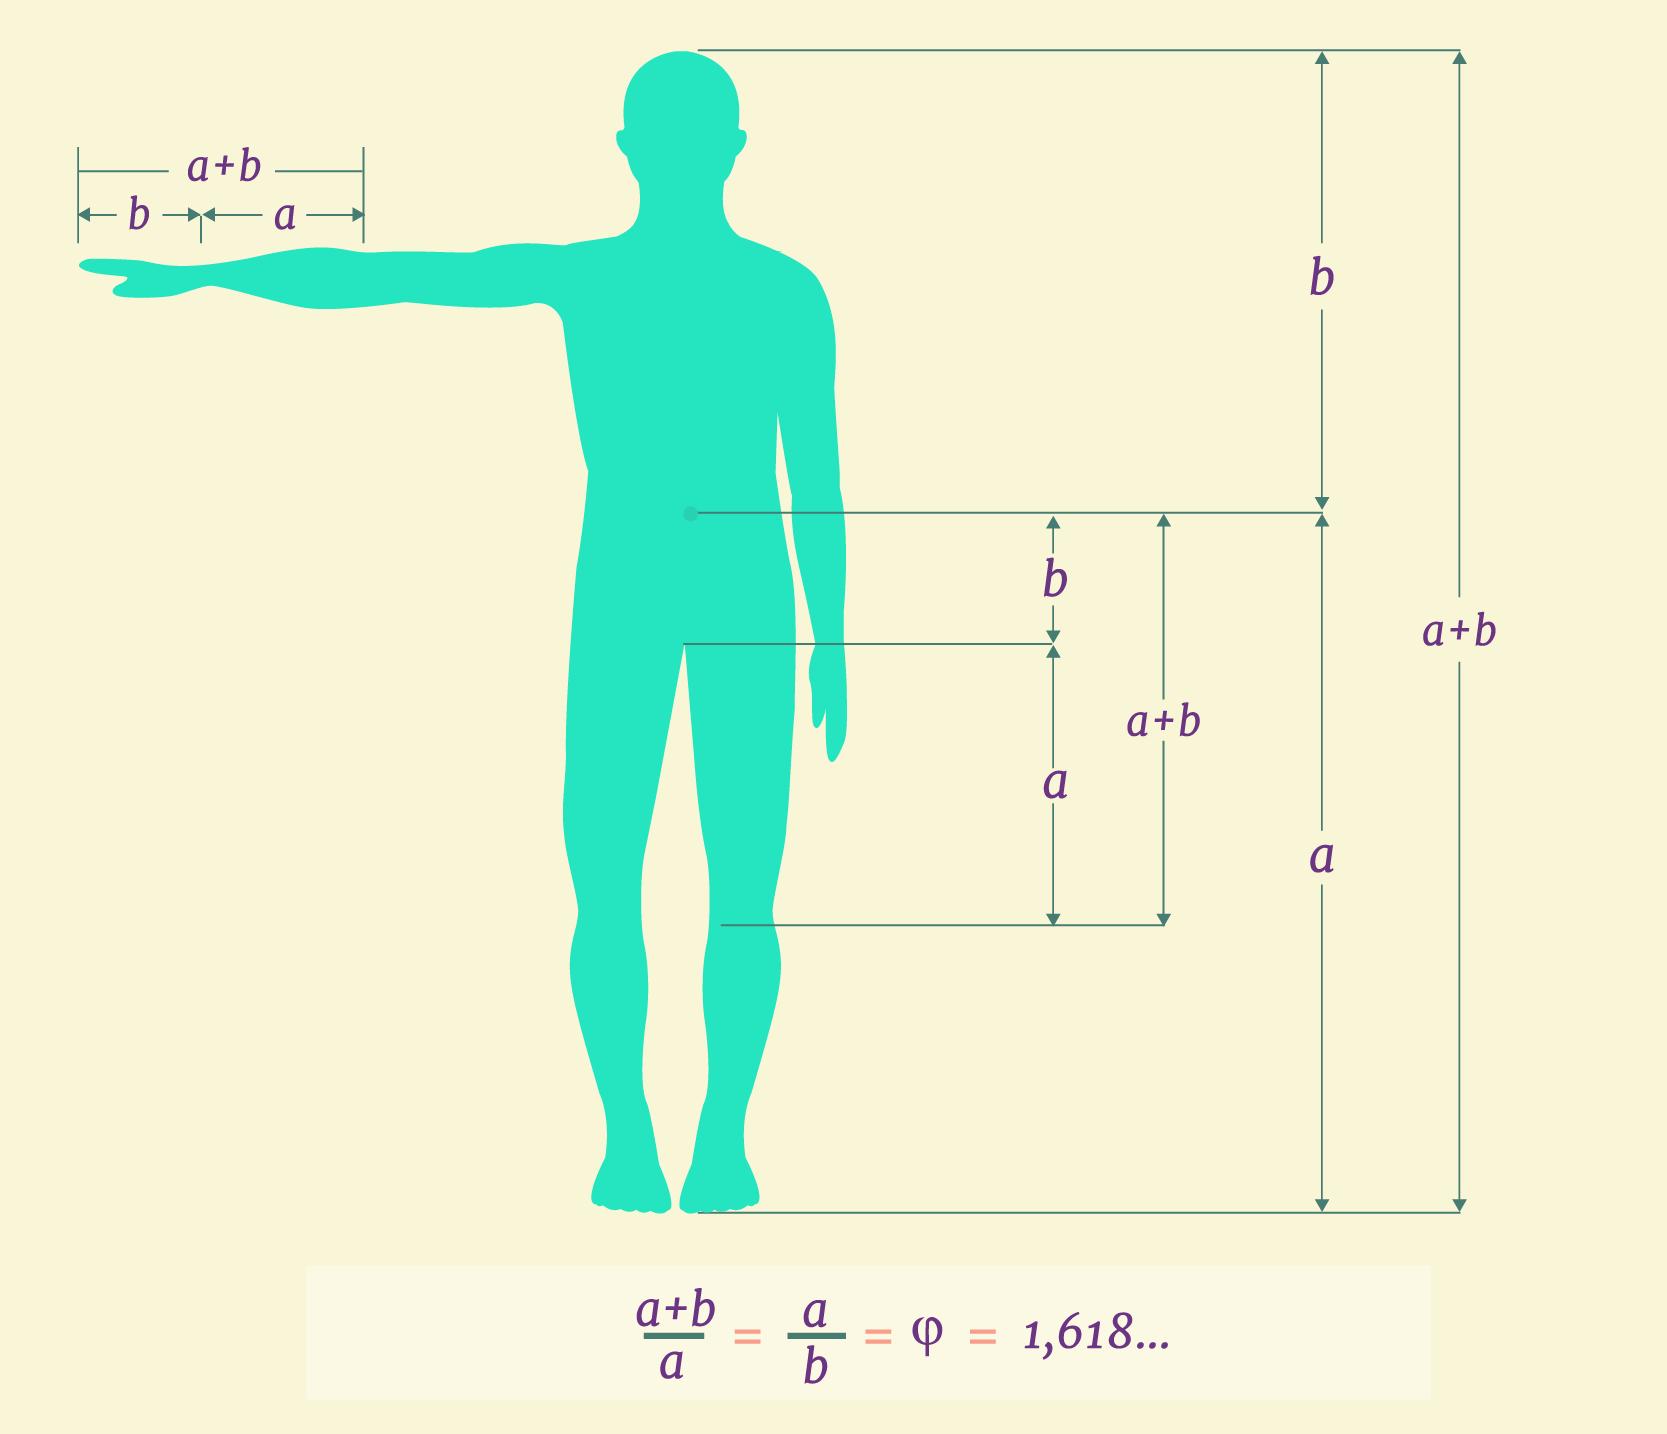 Silueta humana con medidas que conservan la proporción áurea